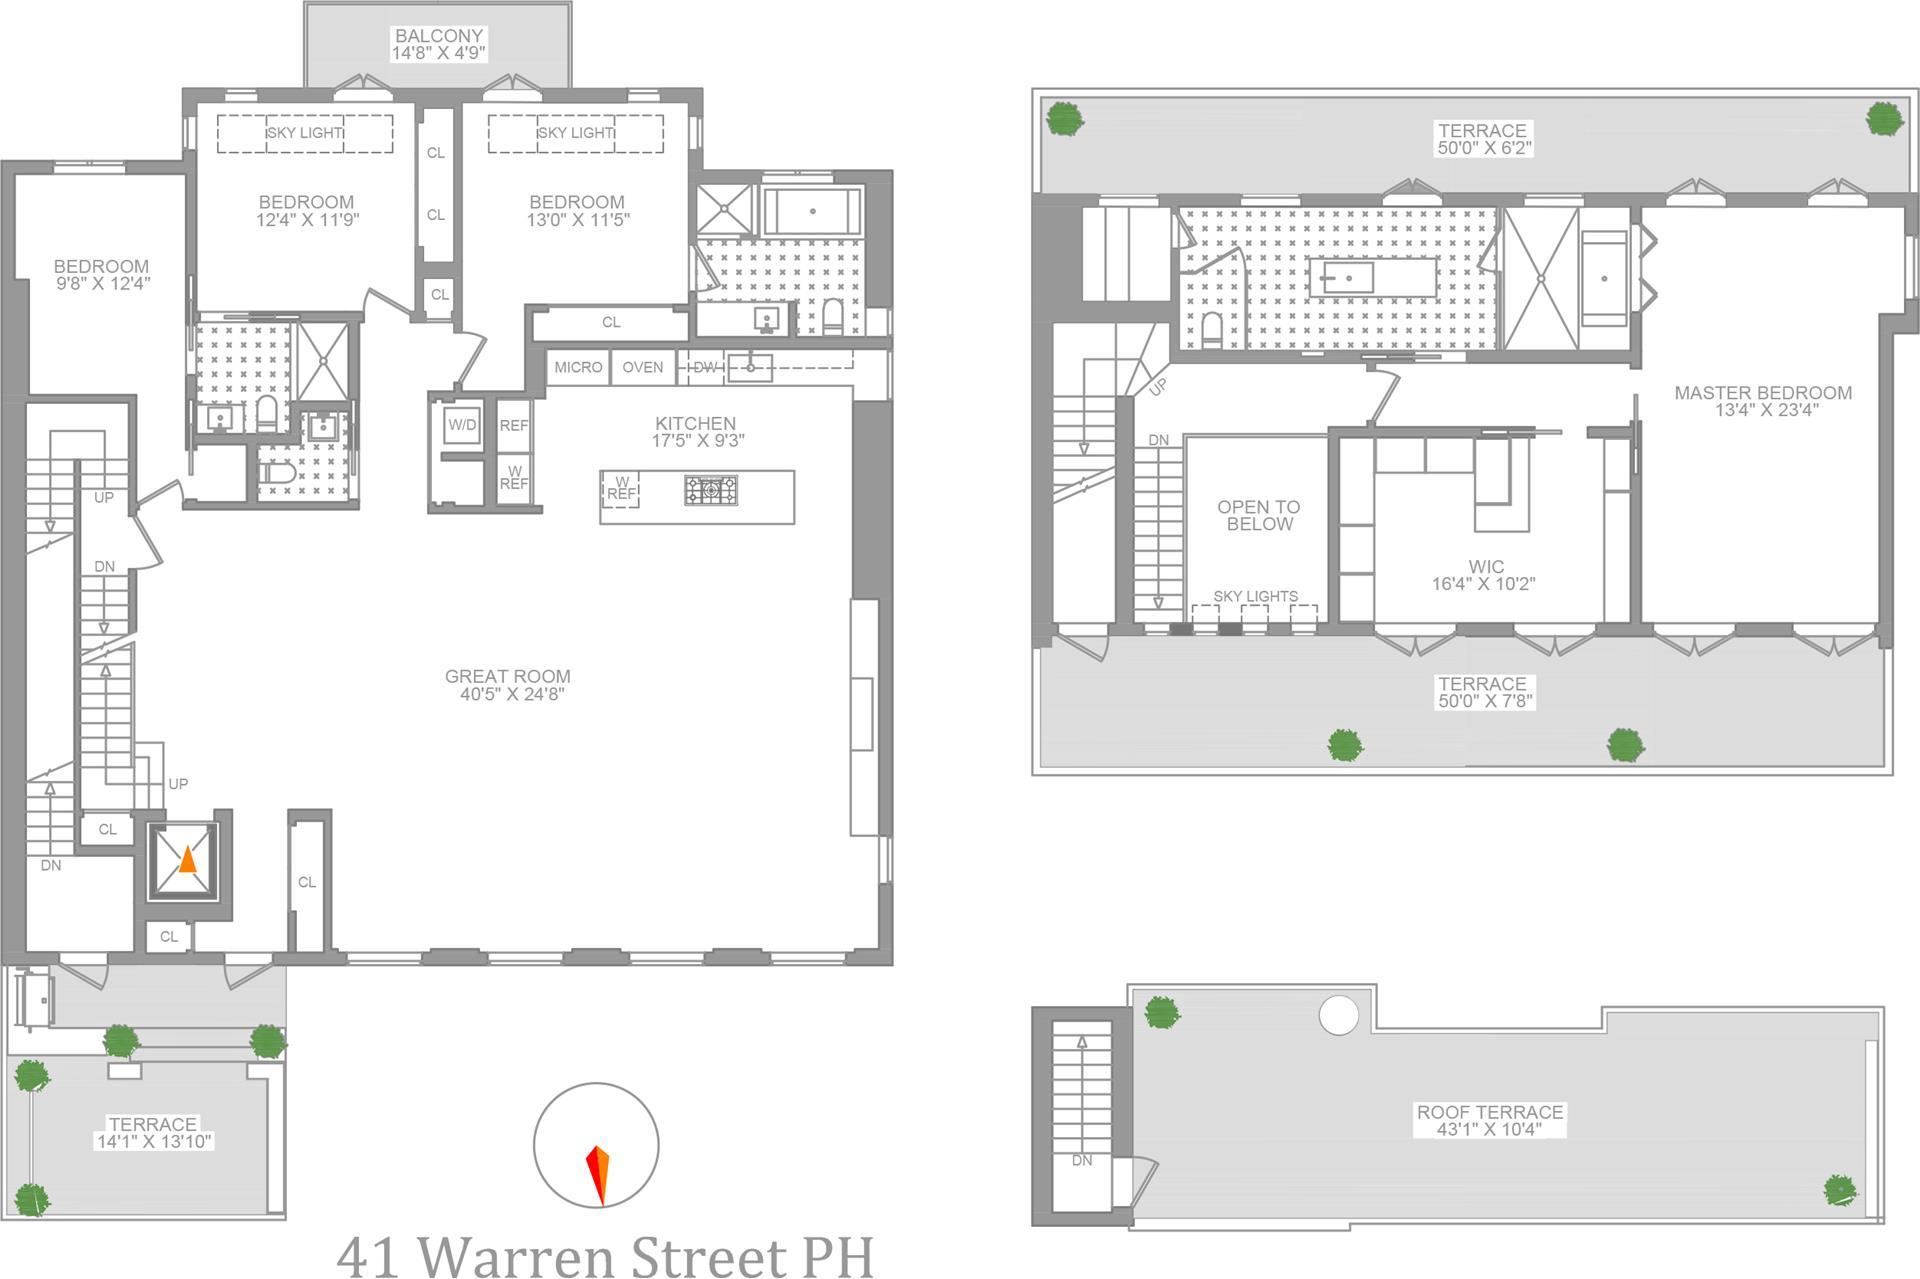 Floor plan of 41 Warren St, PH - TriBeCa, New York